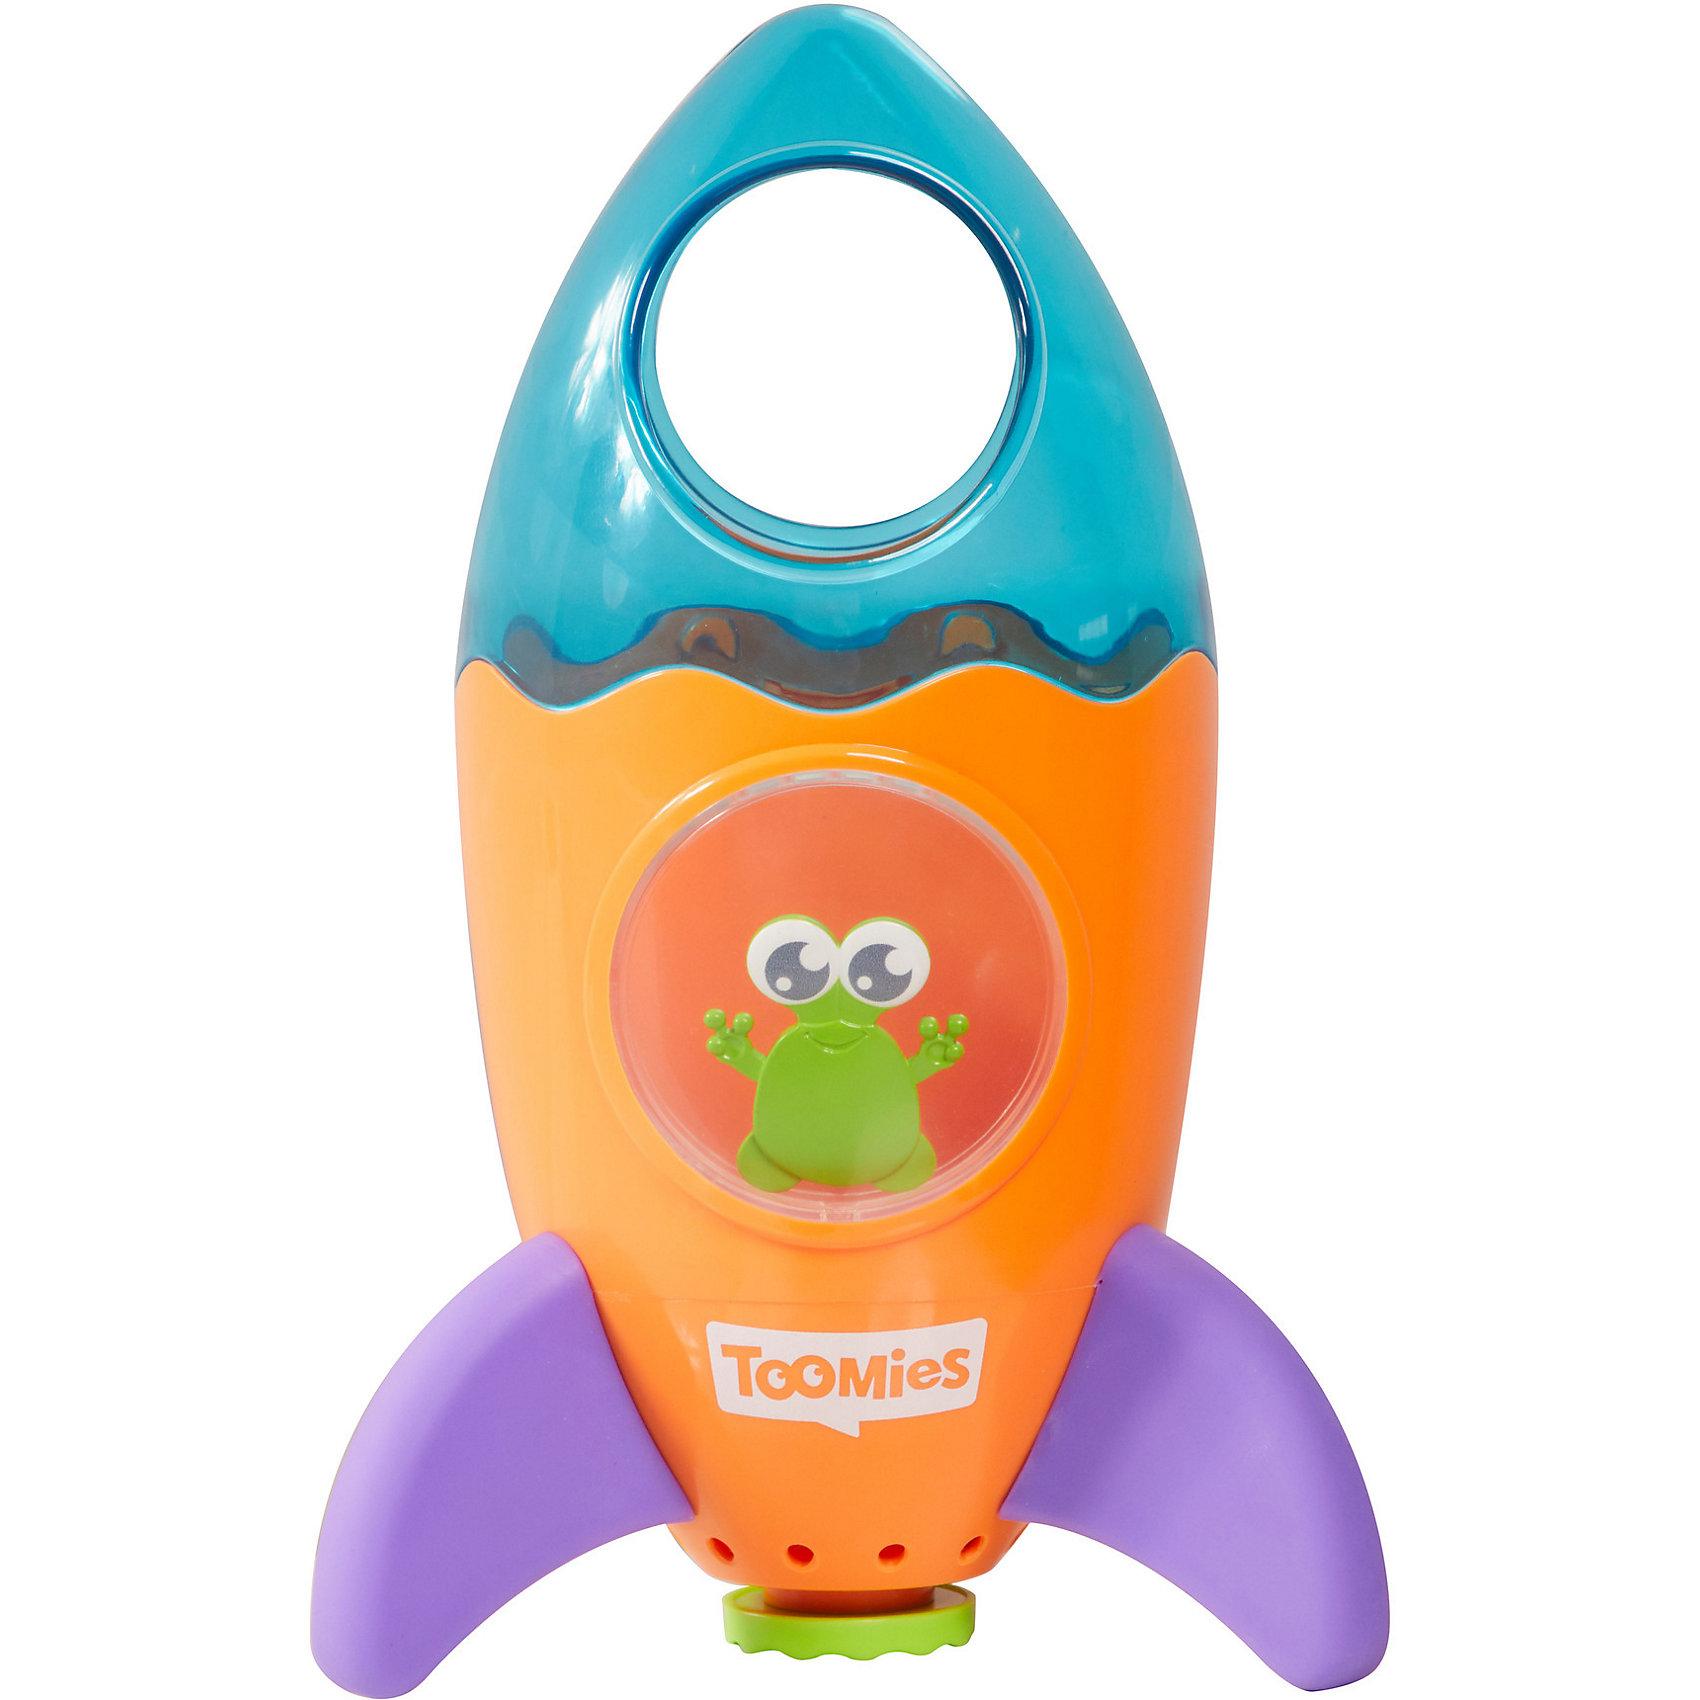 TOMY Игрушка  для ванной Фонтан-ракета, TOMY tomy farm приключения трактора джонни и поросенка на ферме